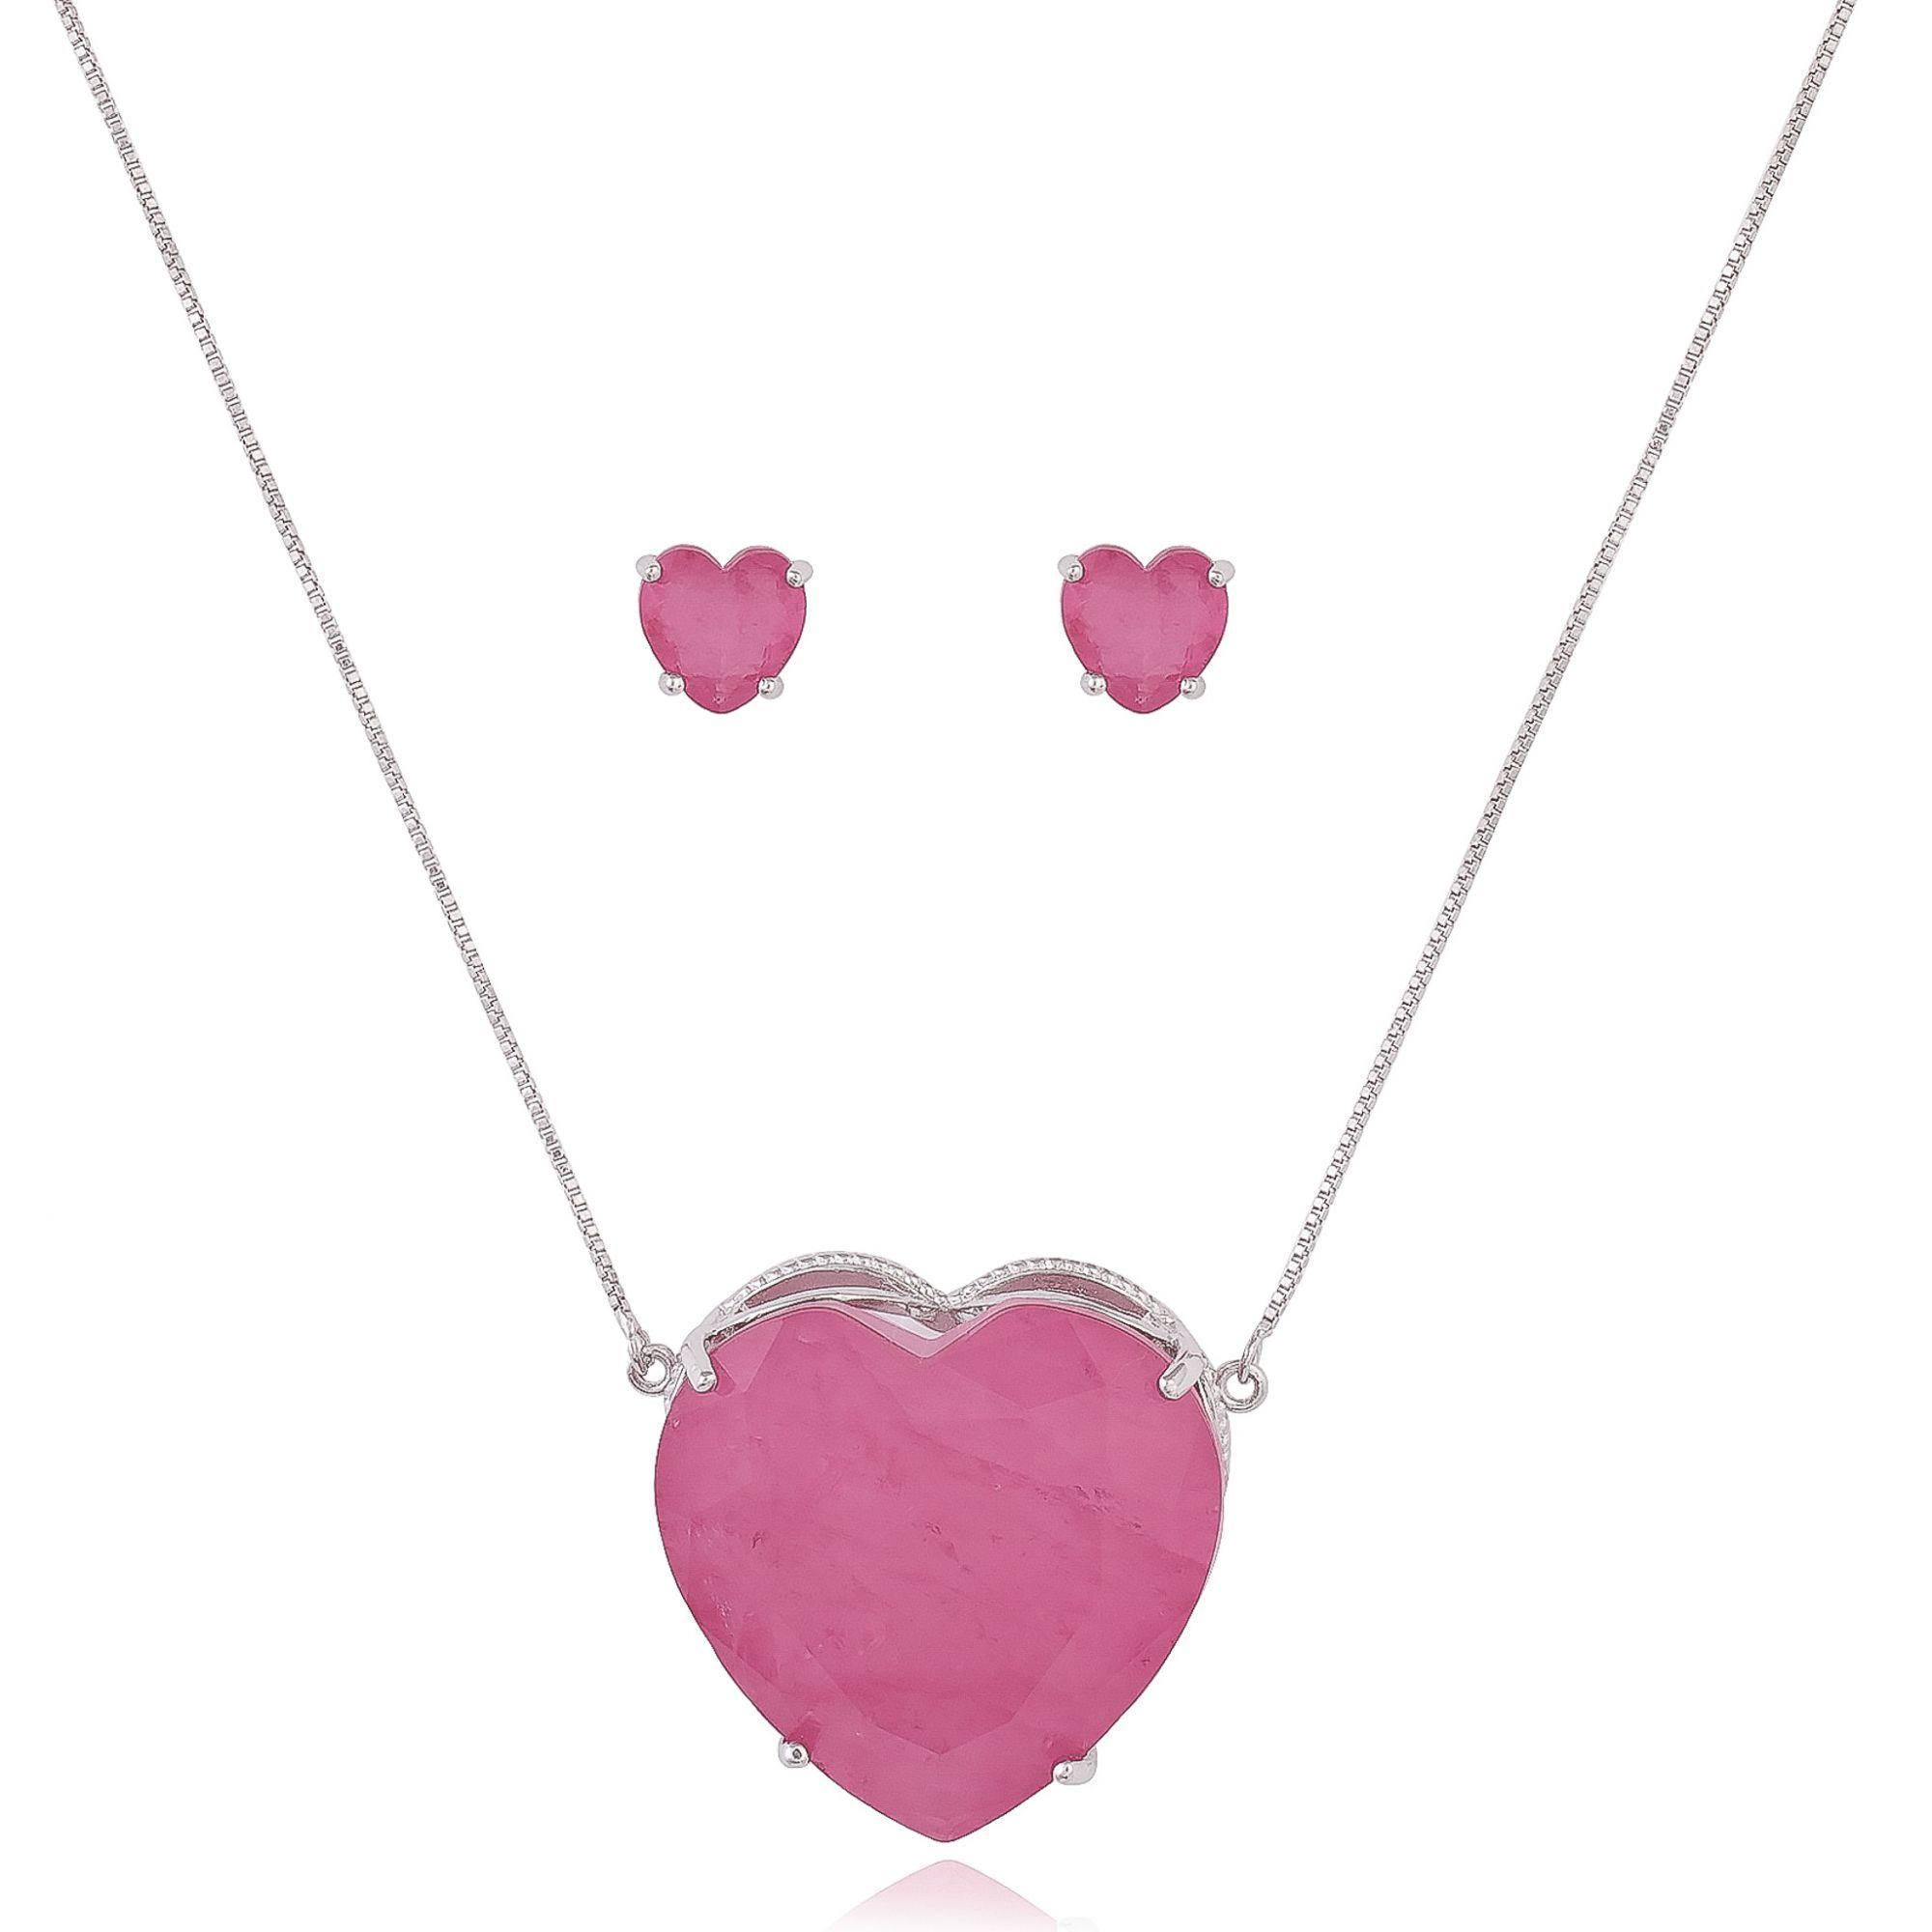 Conjunto de coração com zircônia fusion cor de rosa banho de ródio branco.  - romabrazil.com.br